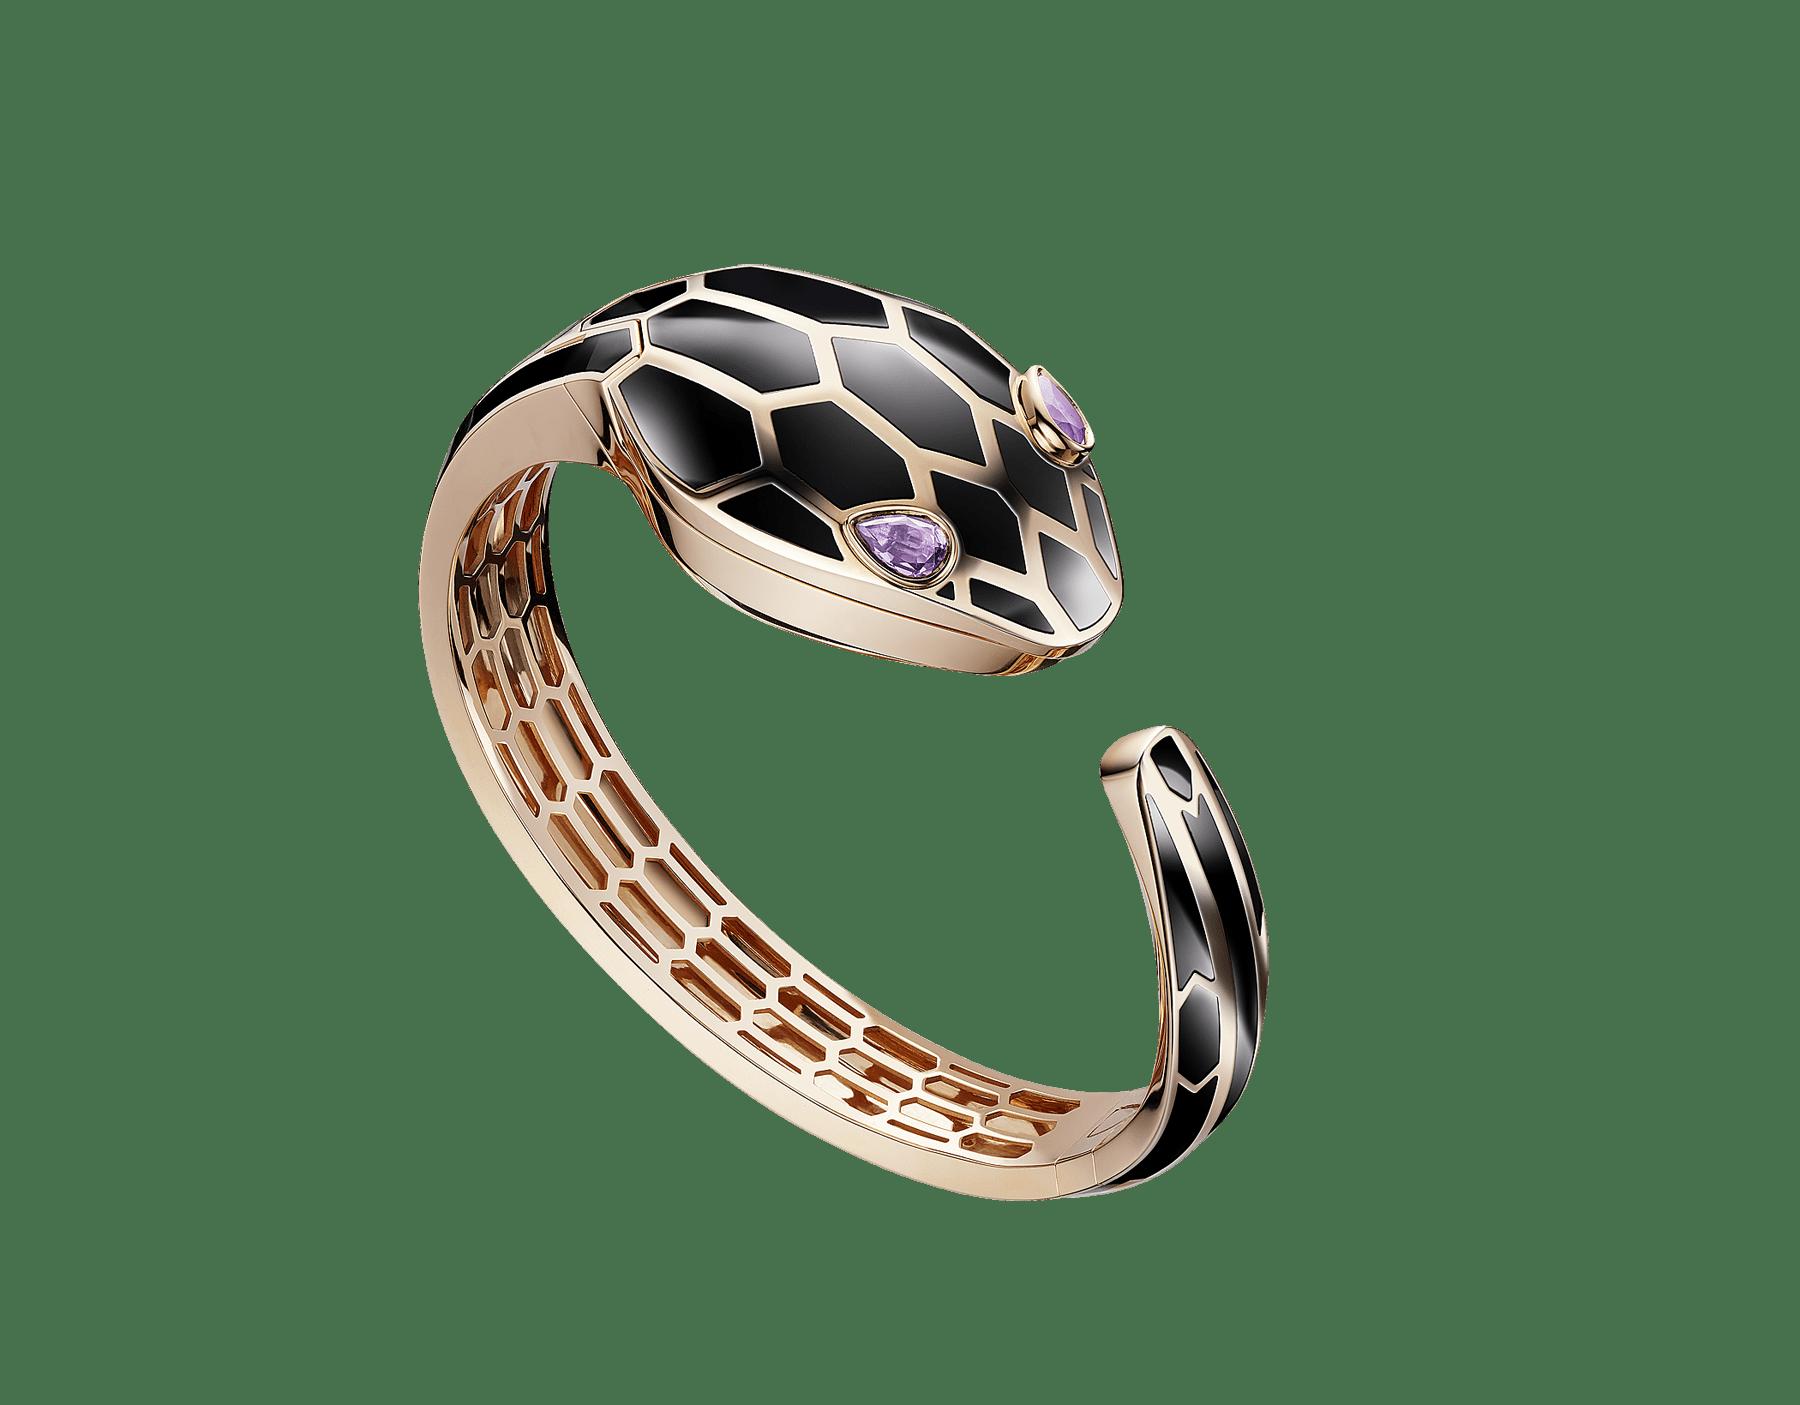 Montre à secret Serpenti Misteriosi avec boîtier et bracelet jonc en or rose 18K recouverts de laque noire, cadran laqué noir et yeux en améthyste taille poire. SrpntSecretWtc-rose-gold image 2